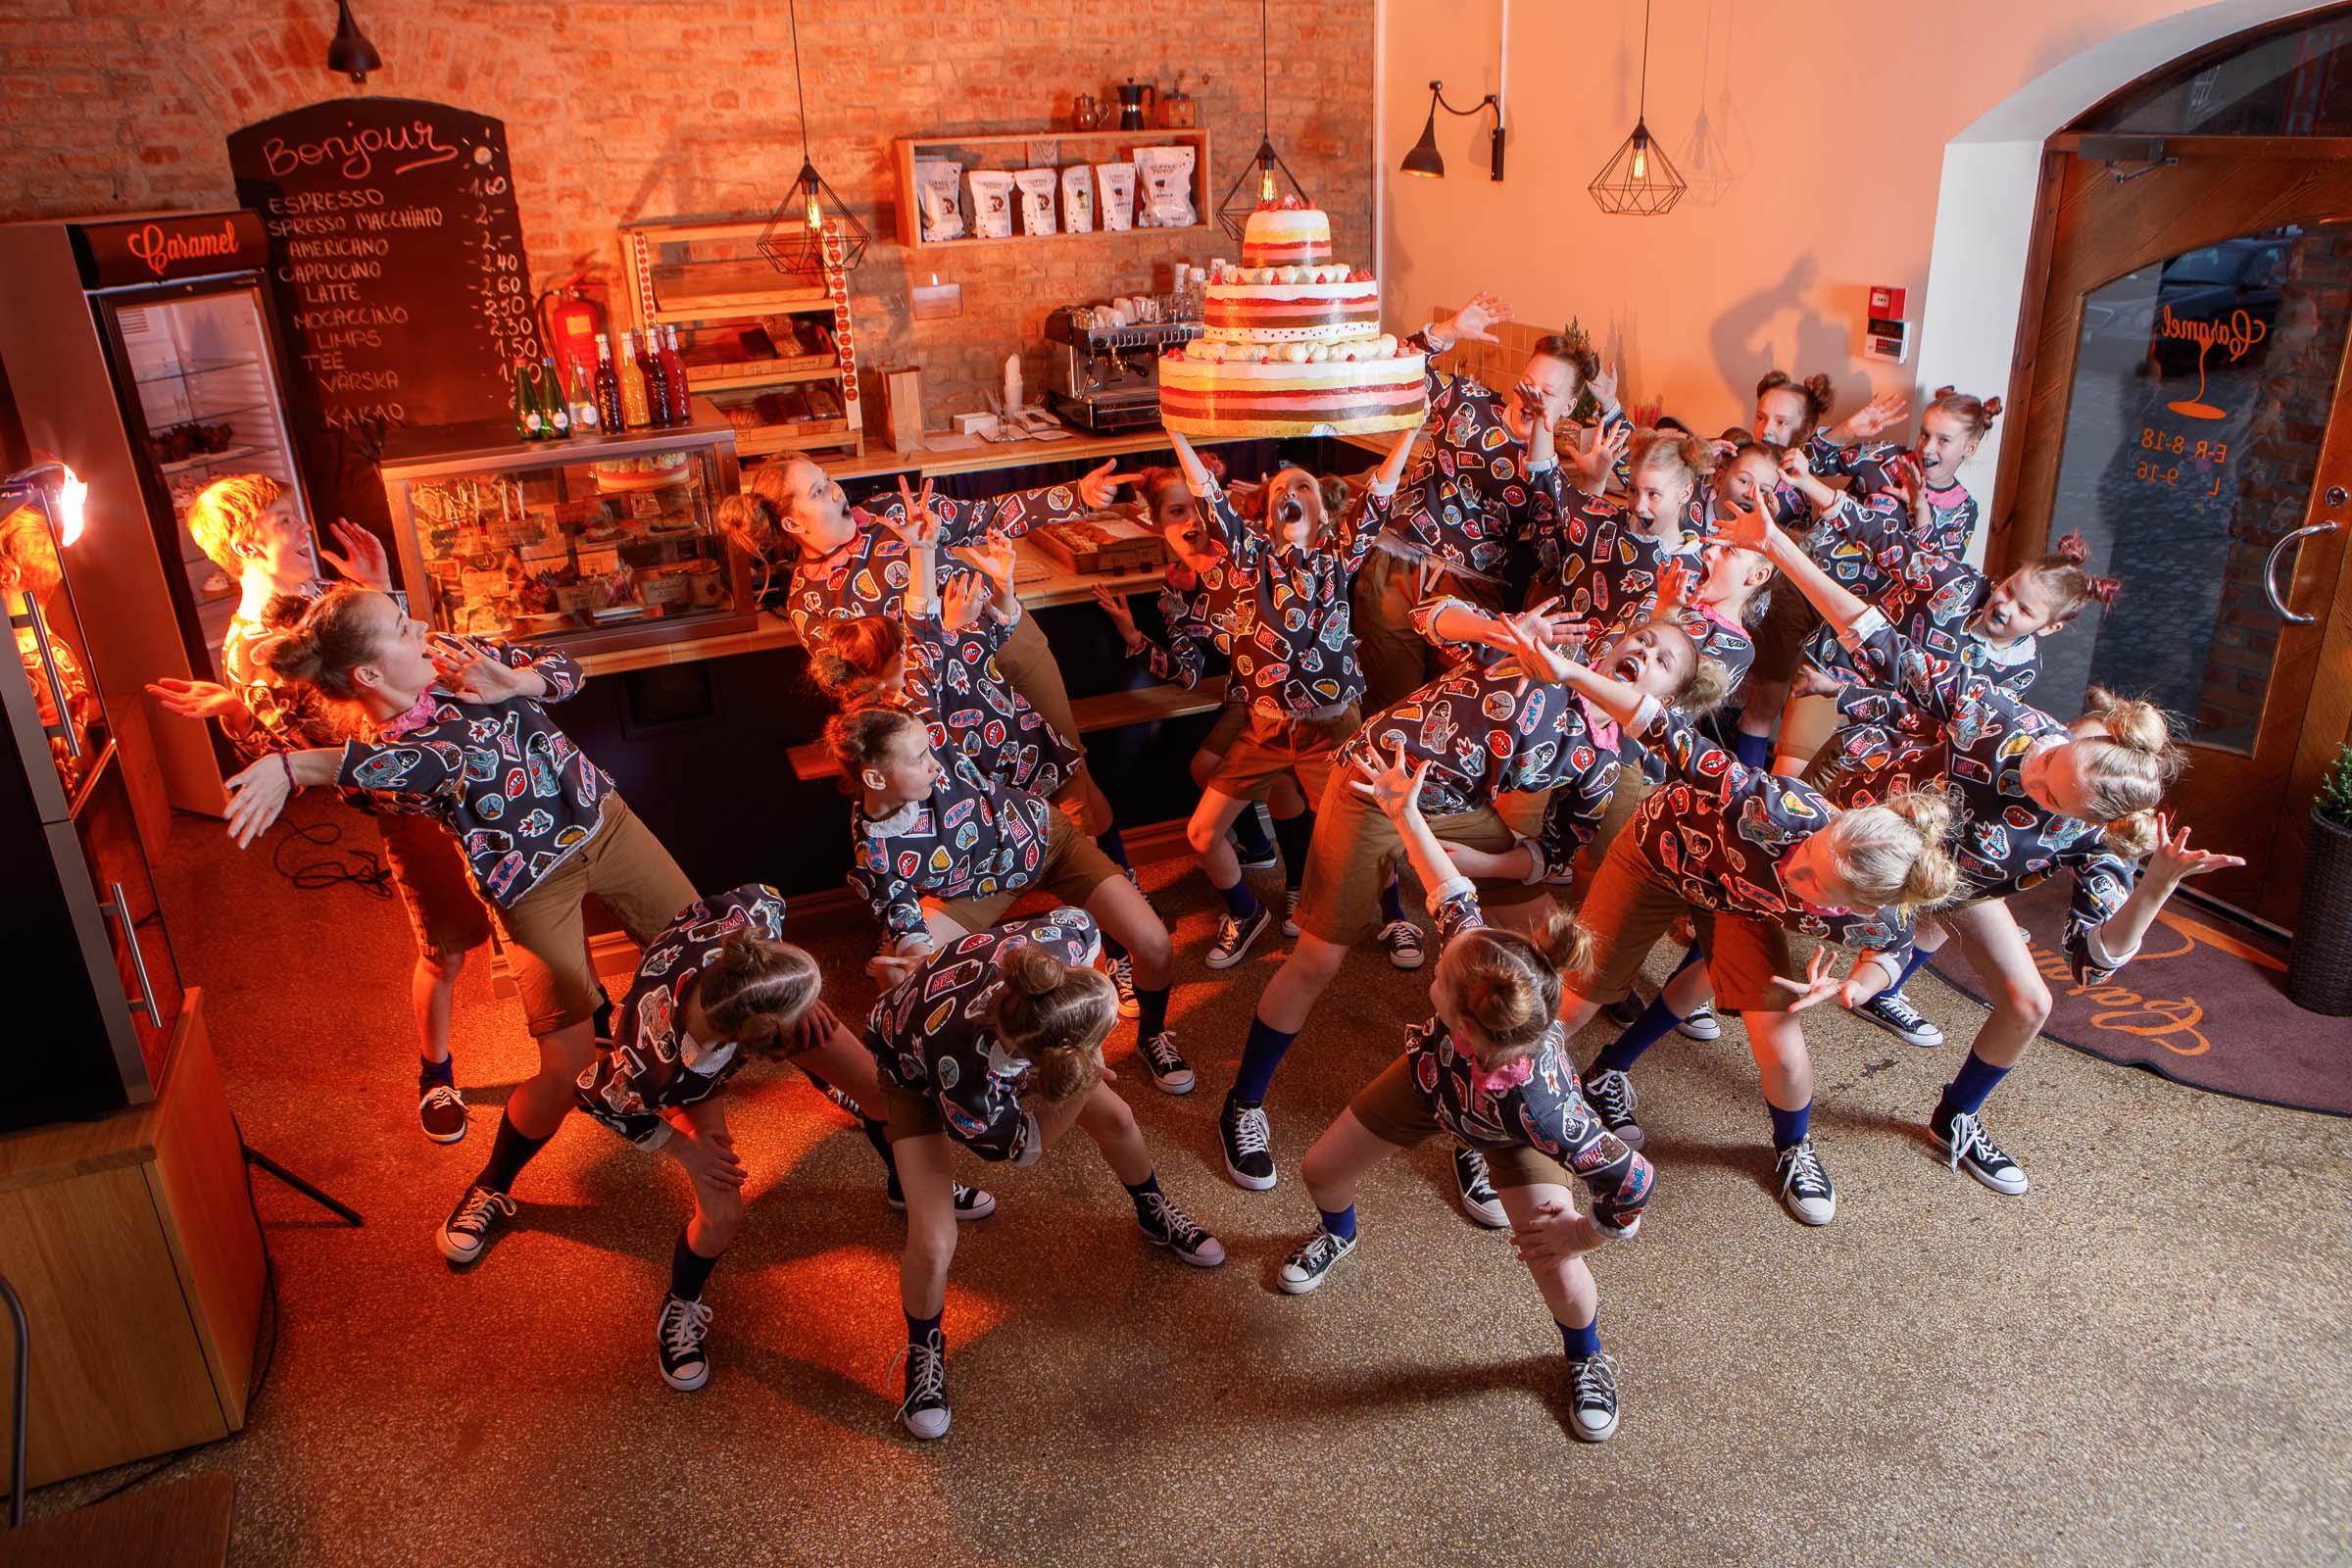 FACE-moe-ja-tantsukooli-tants-_Tort_-kohvikus-Caramel1